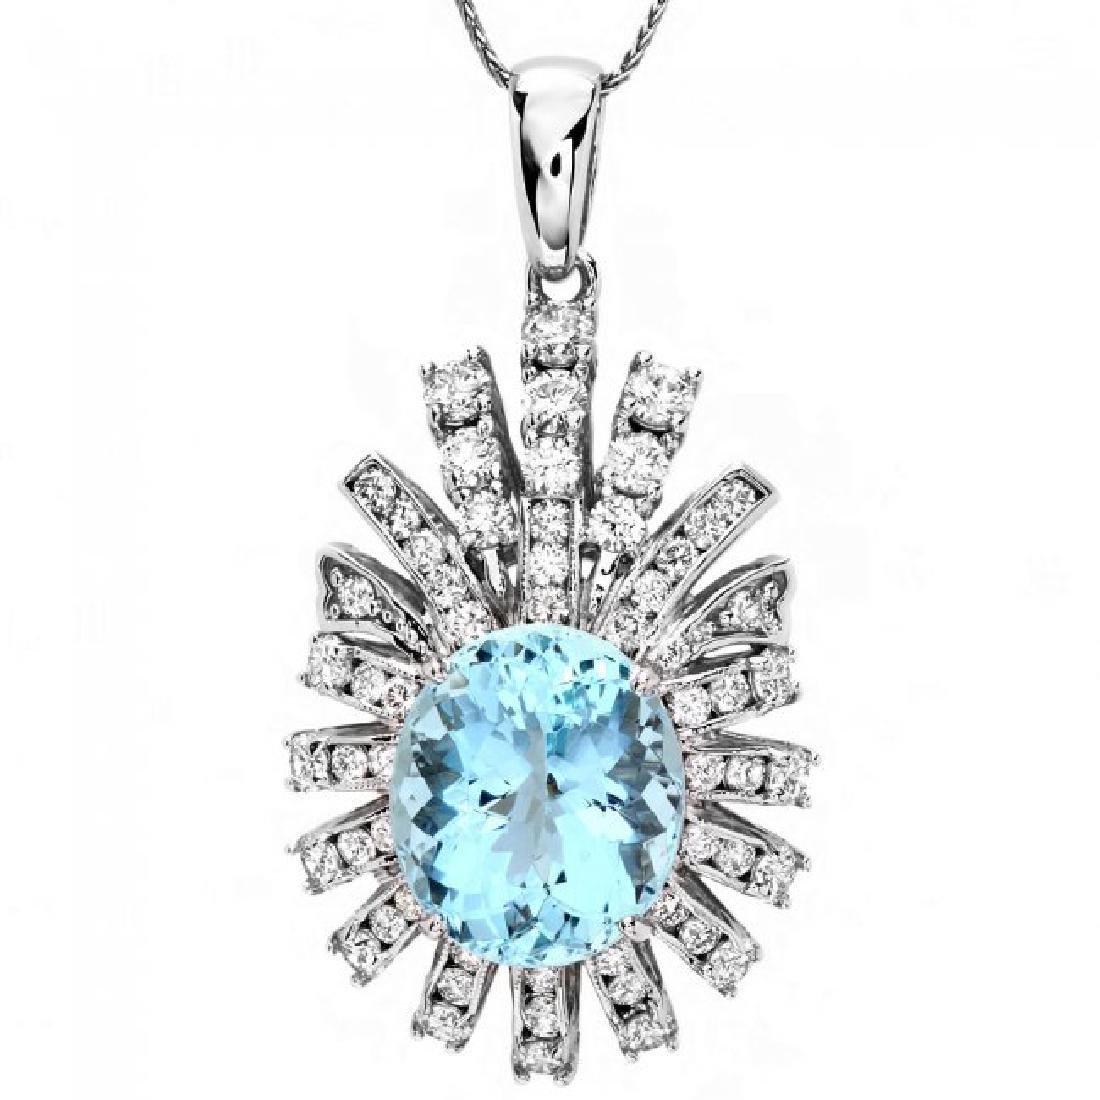 14k Gold 8ct Aquamarine 2.50ct Diamond Pendant - 2